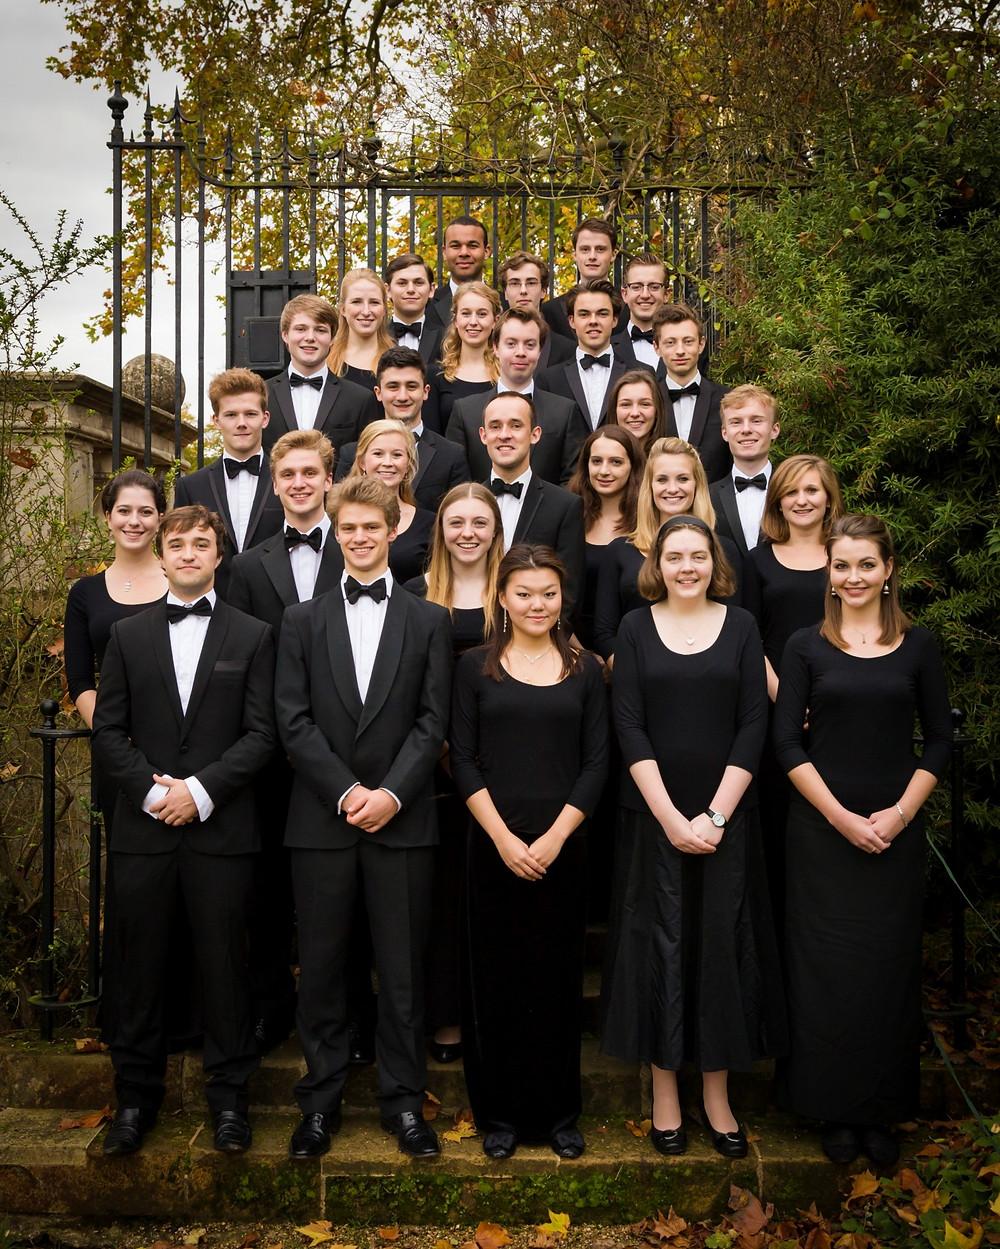 Clare-Choir-Gate-resized.jpg